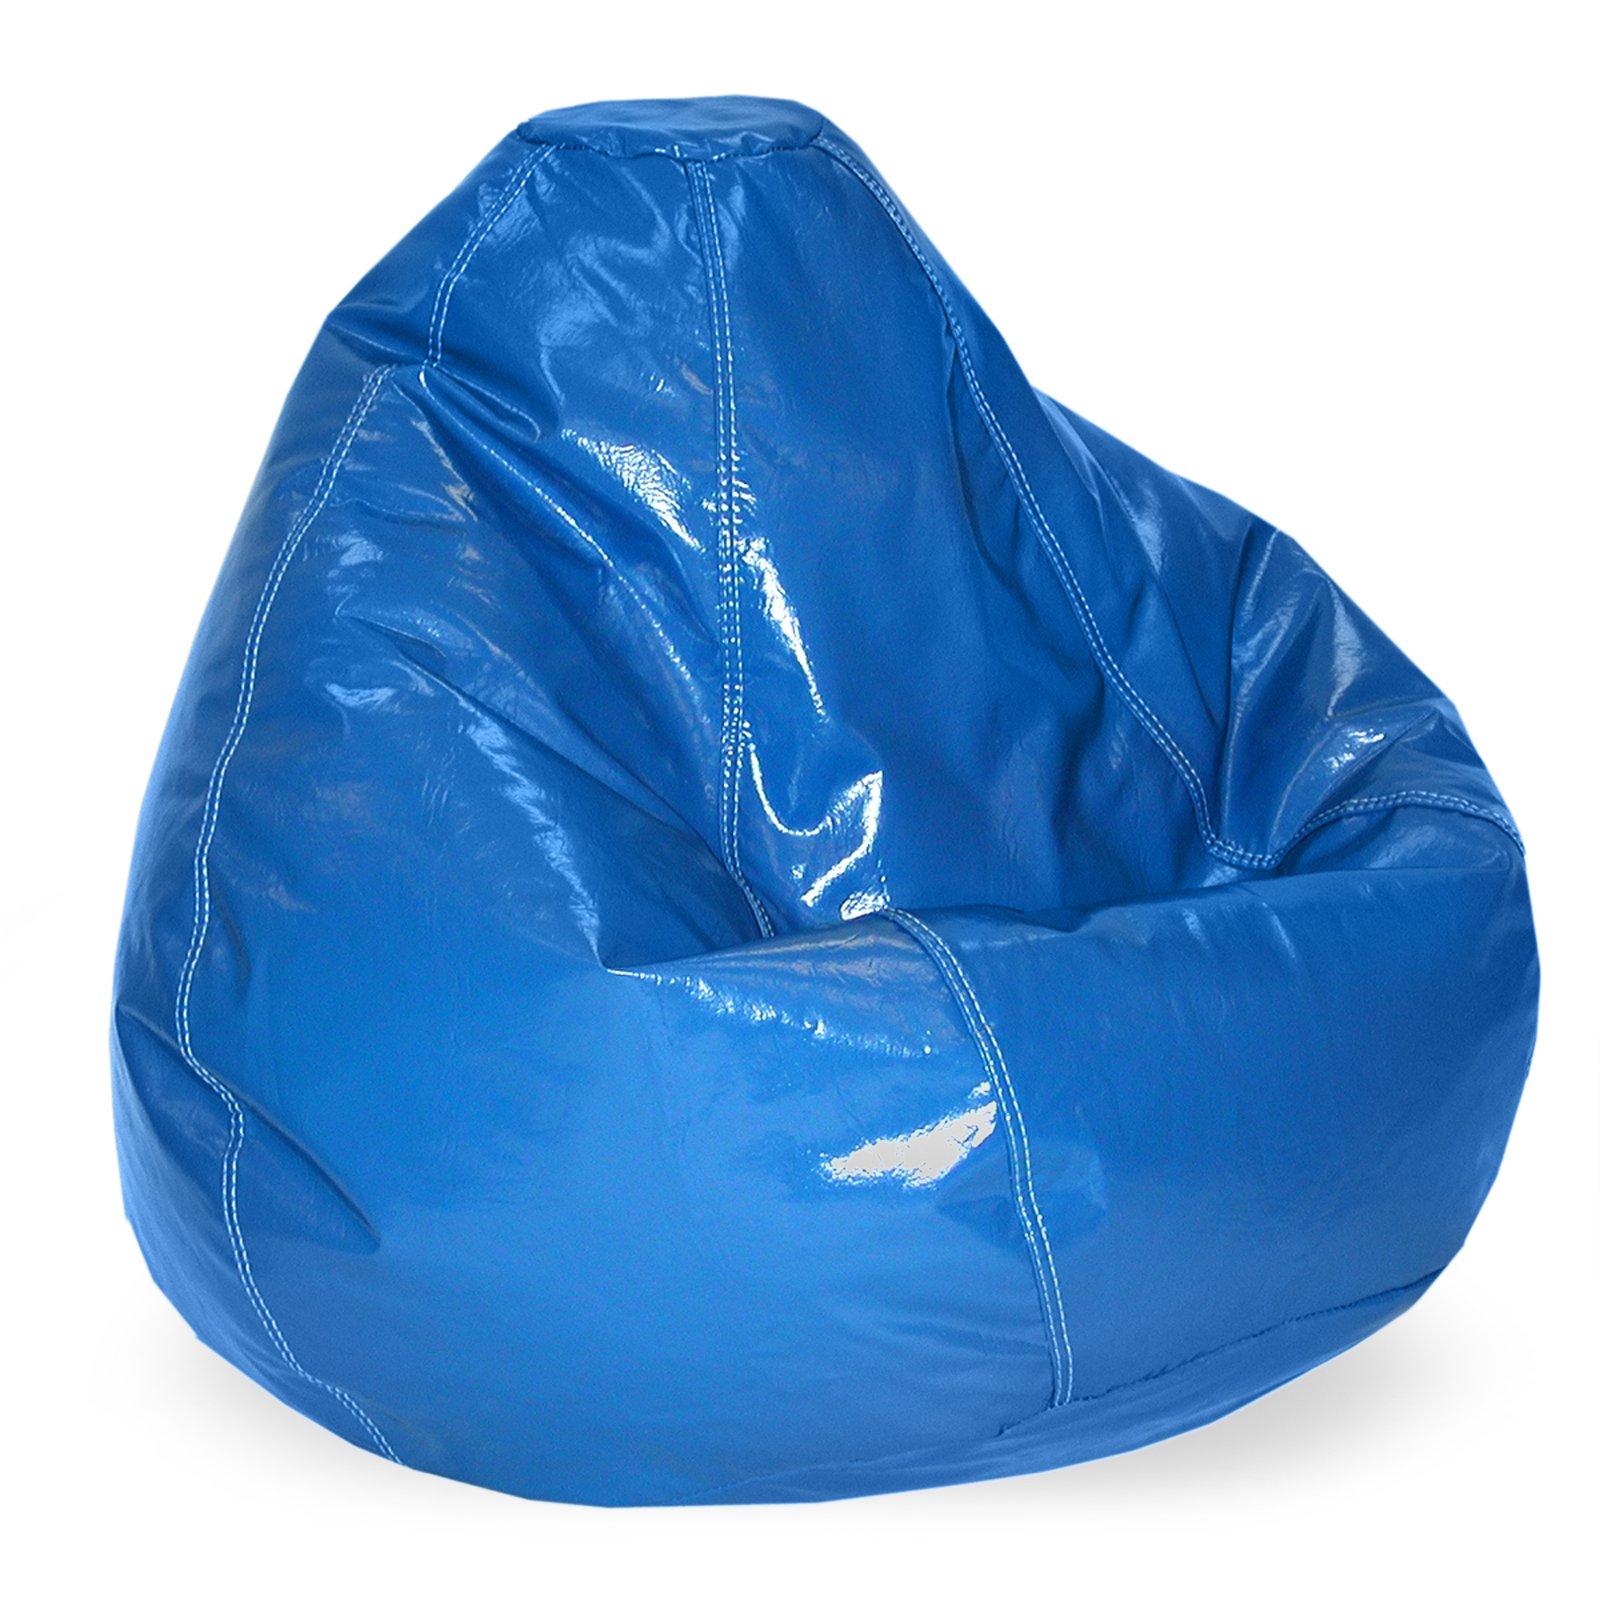 Bean Bag Chairs Tweens